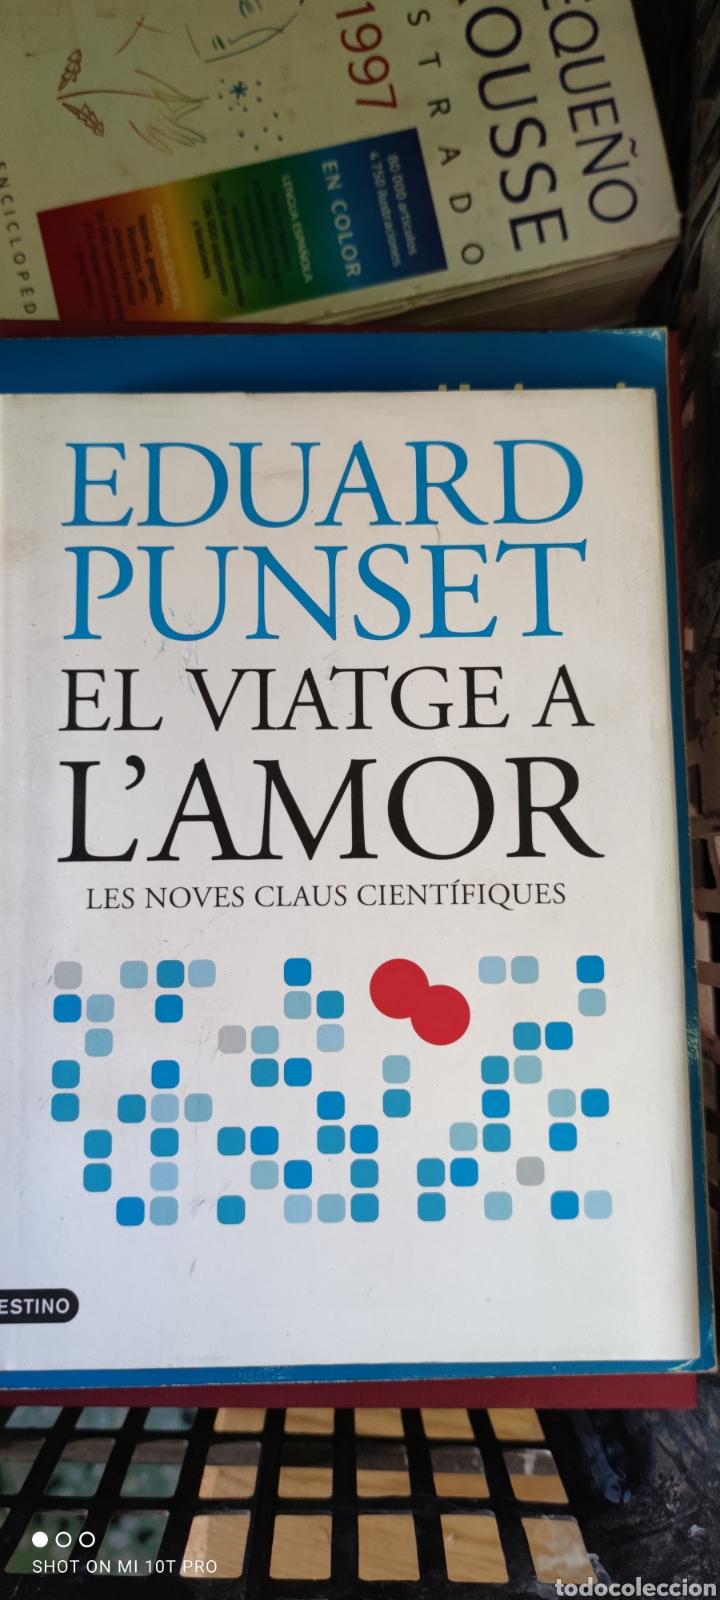 EDUARD PUNSET EL VISTE A L, AMOR (Libros Nuevos - Ciencias, Manuales y Oficios - Psicología y Psiquiatría )